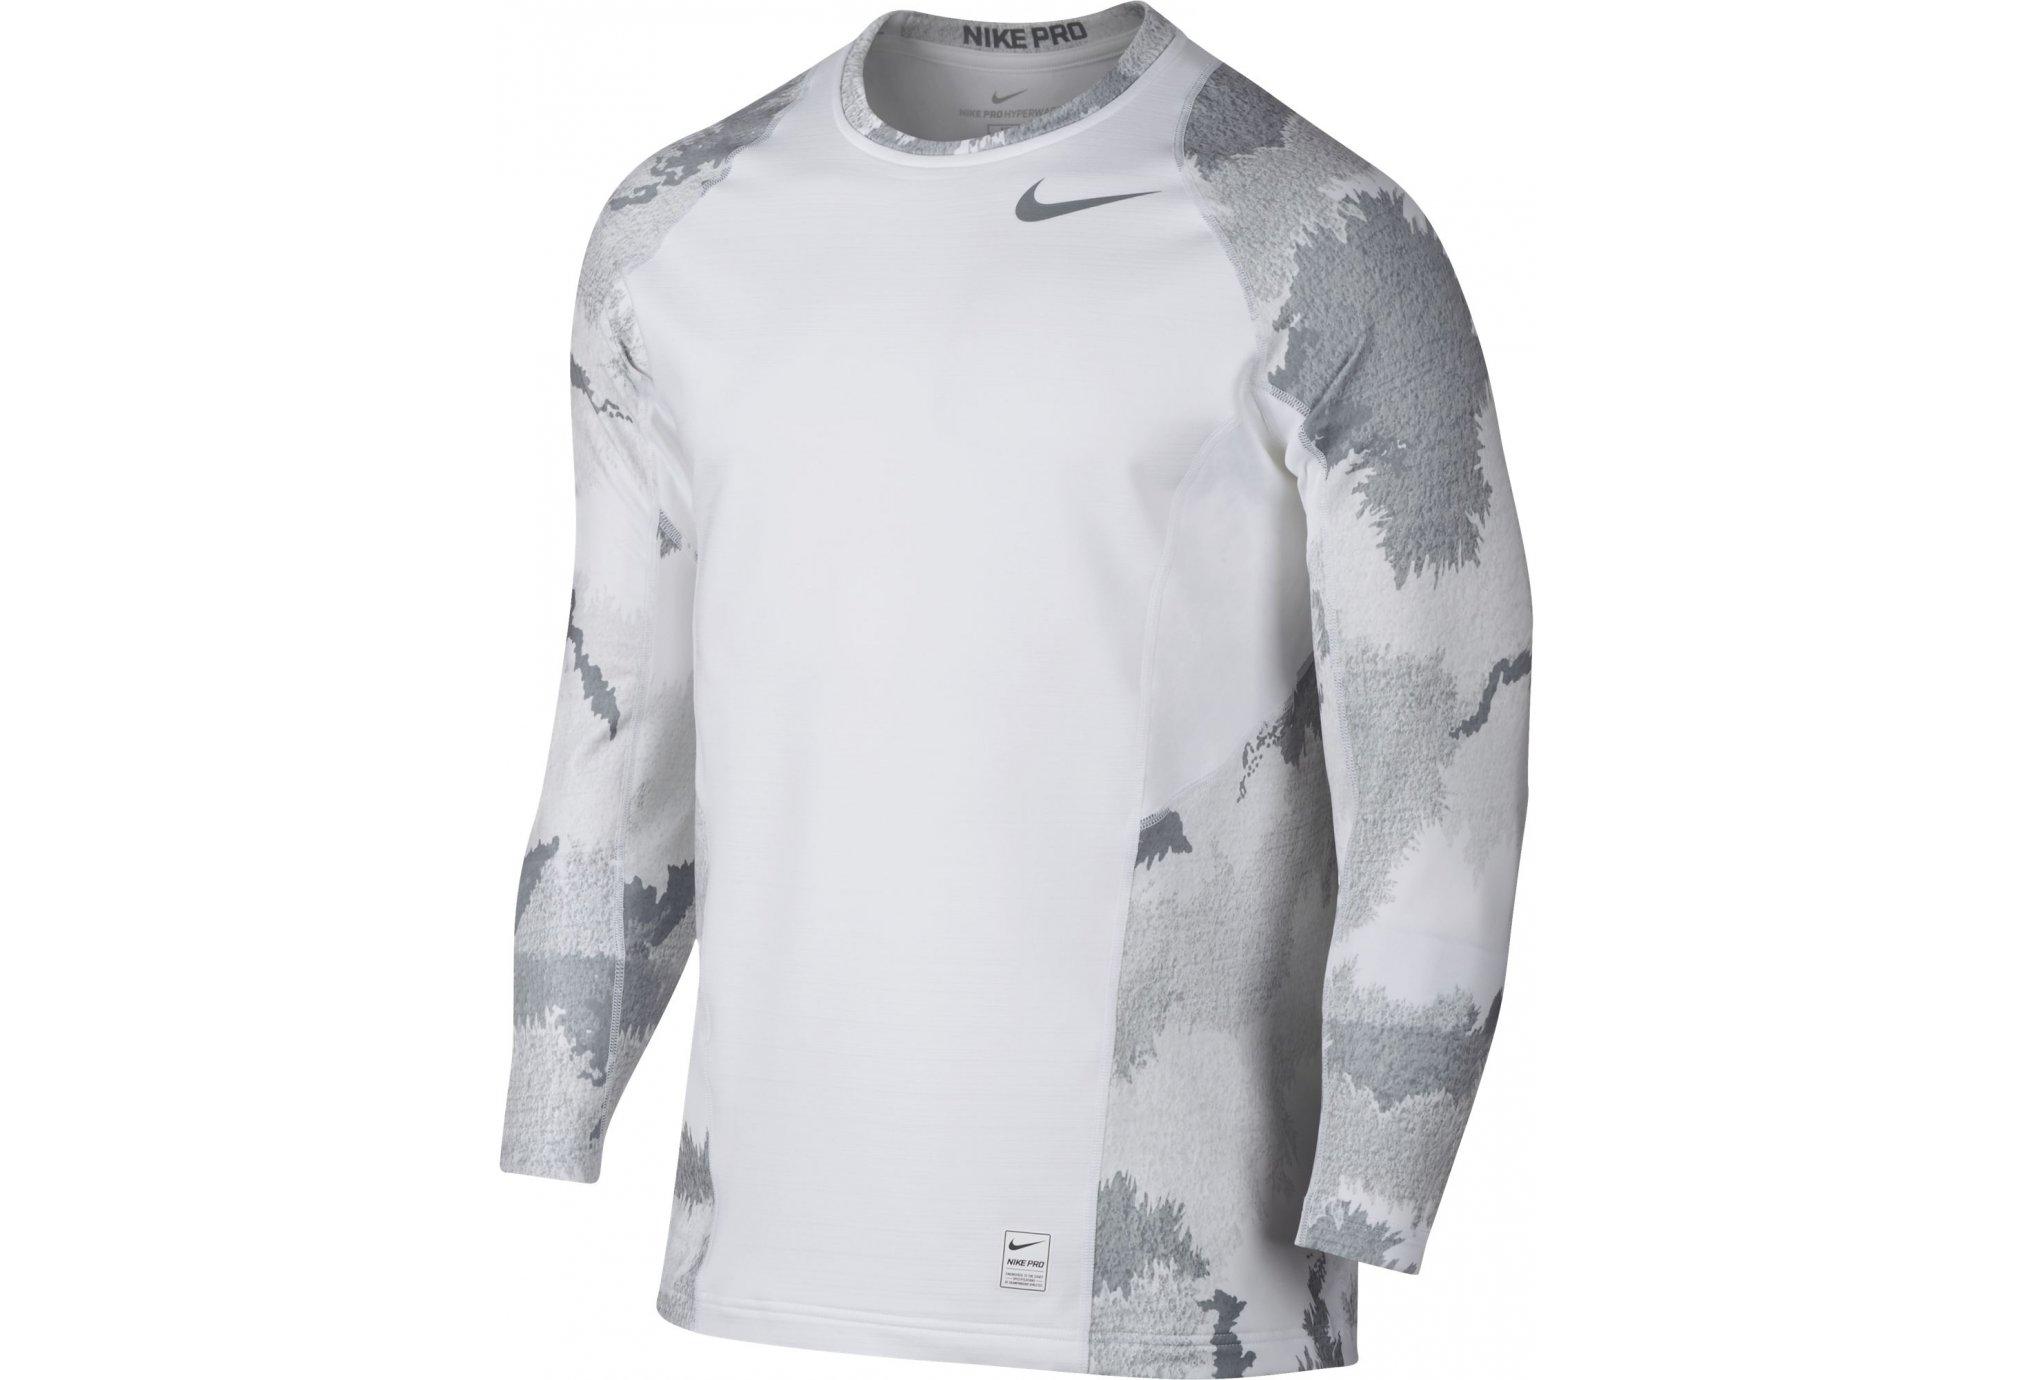 Trail Session - Nike Pro Hyperwarm Top M Diététique Vêtements homme 13b4fa580f93